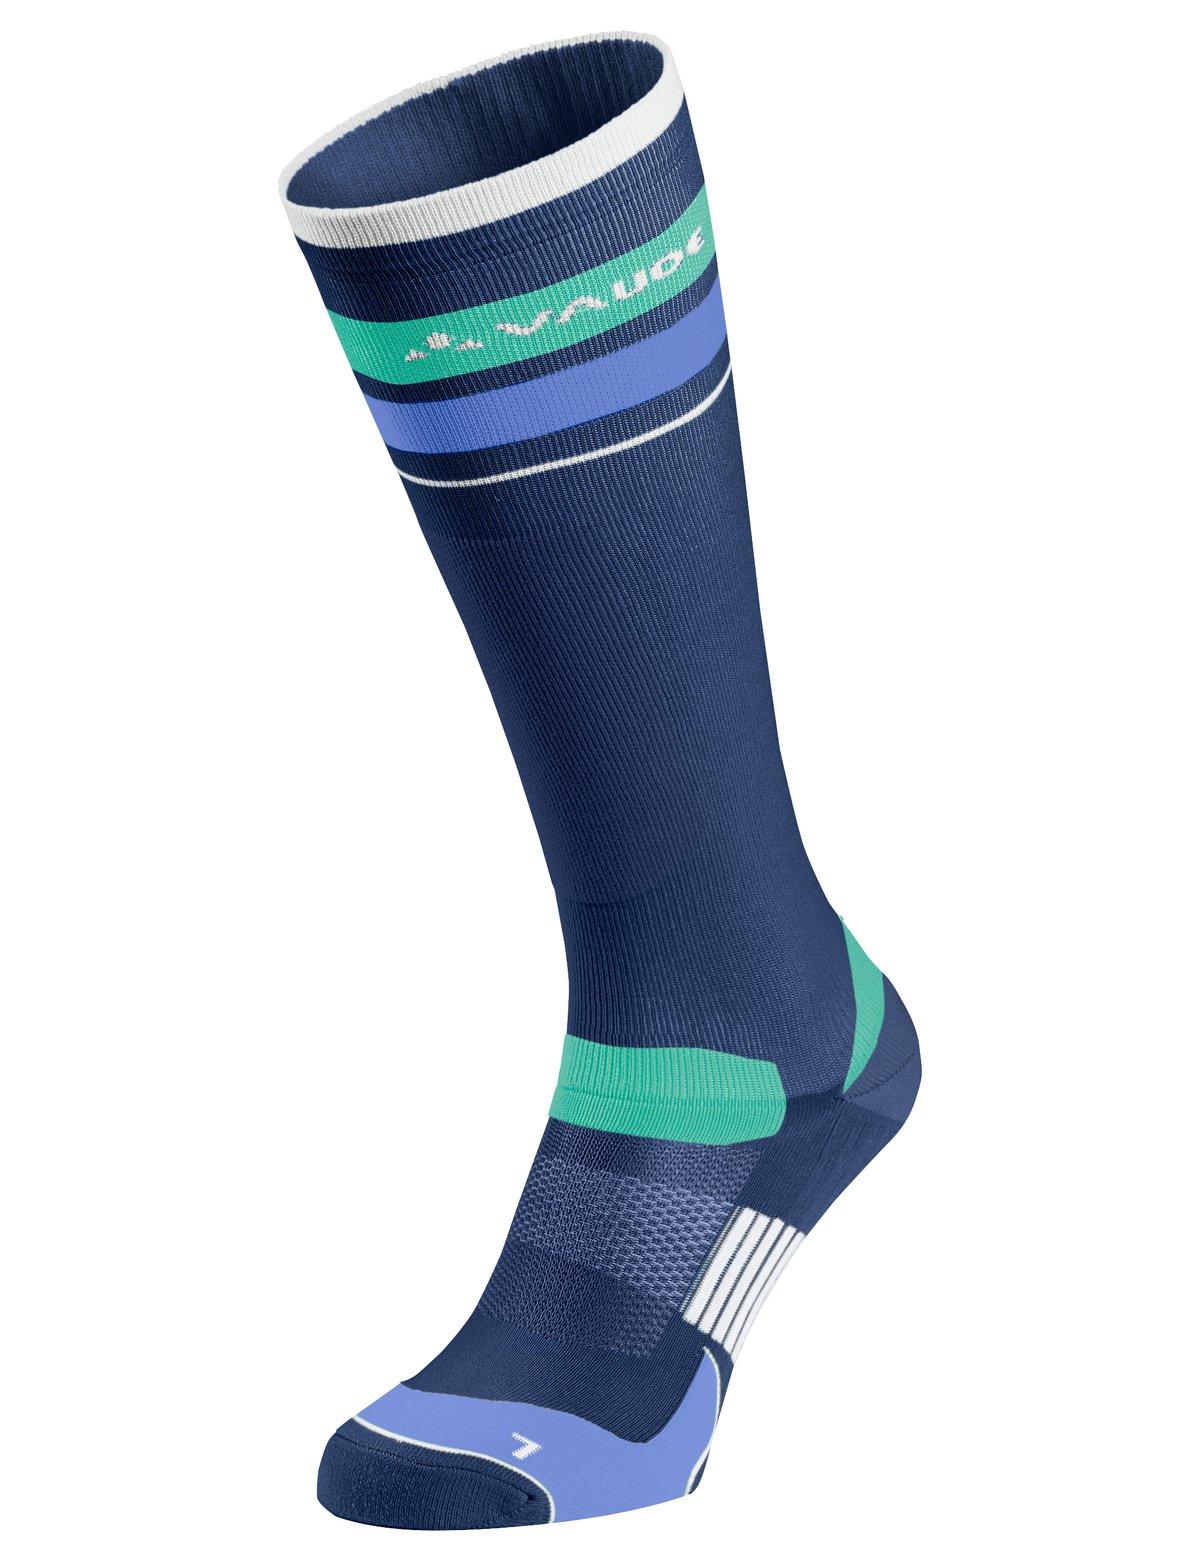 Vaude strømper lang blå/grøn | Strømper